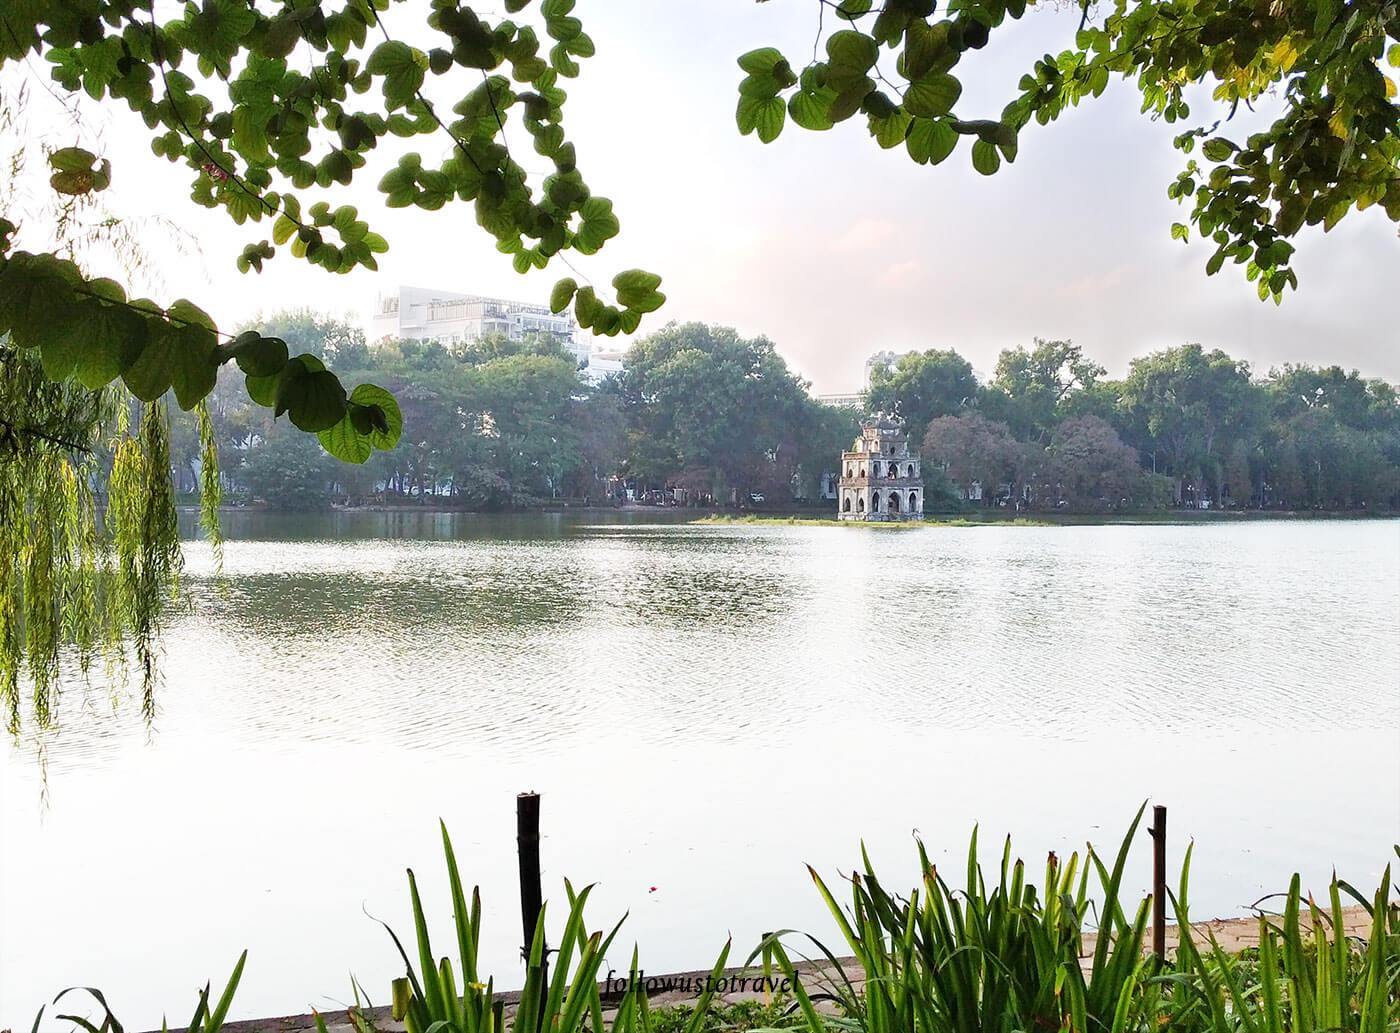 河内景点越南景点龟塔